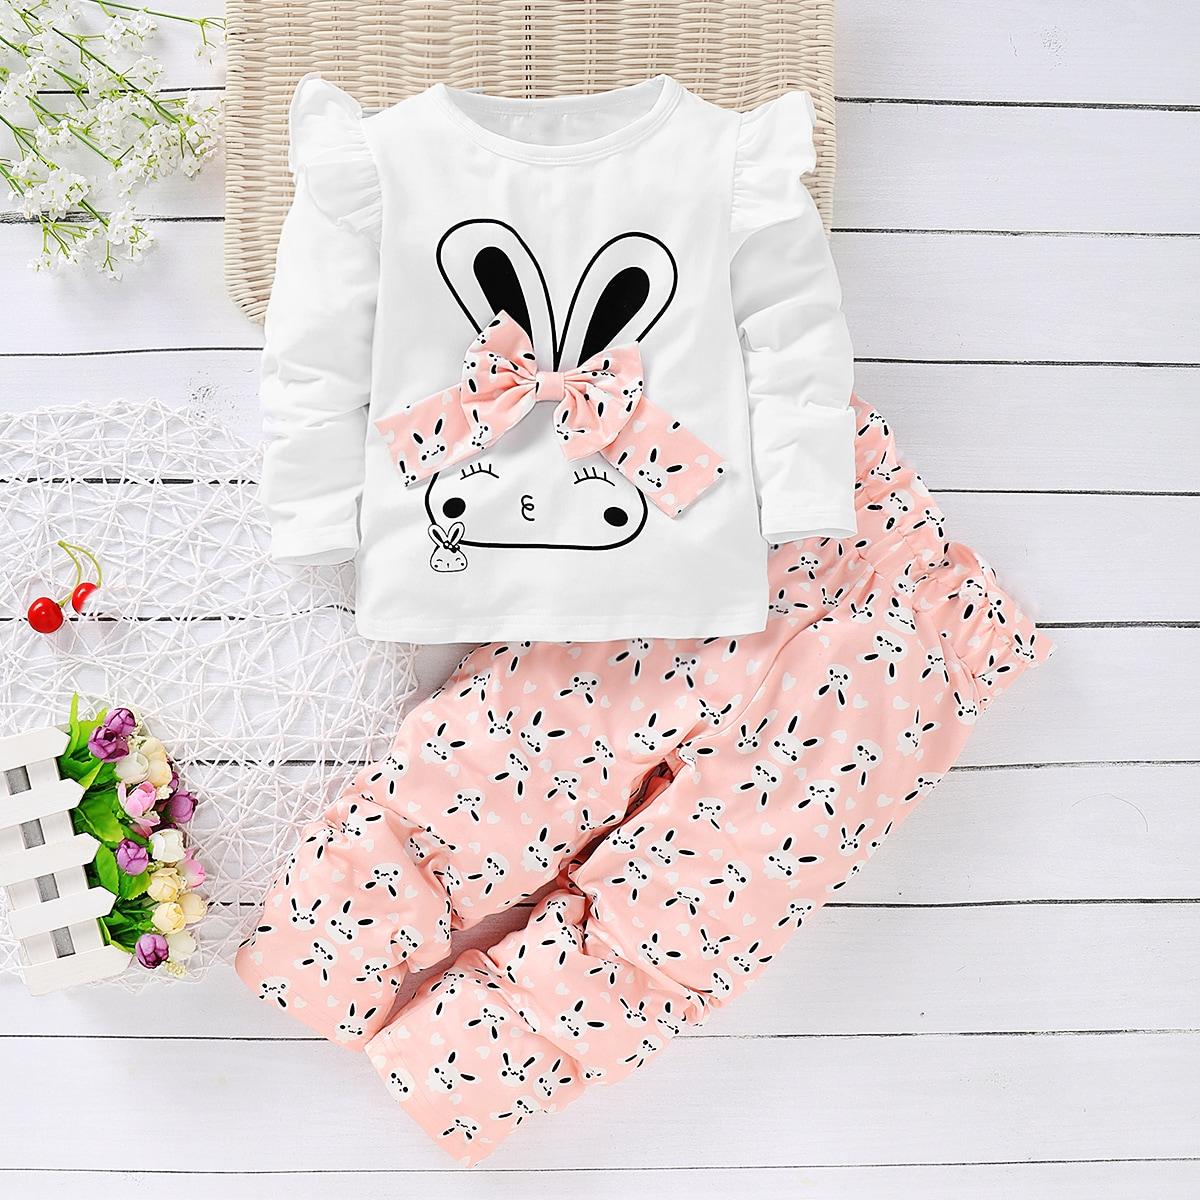 Kleinkind Mädchen T-Shirt mit Schleife vorn, Hase Muster und Hose mit Papiertasche